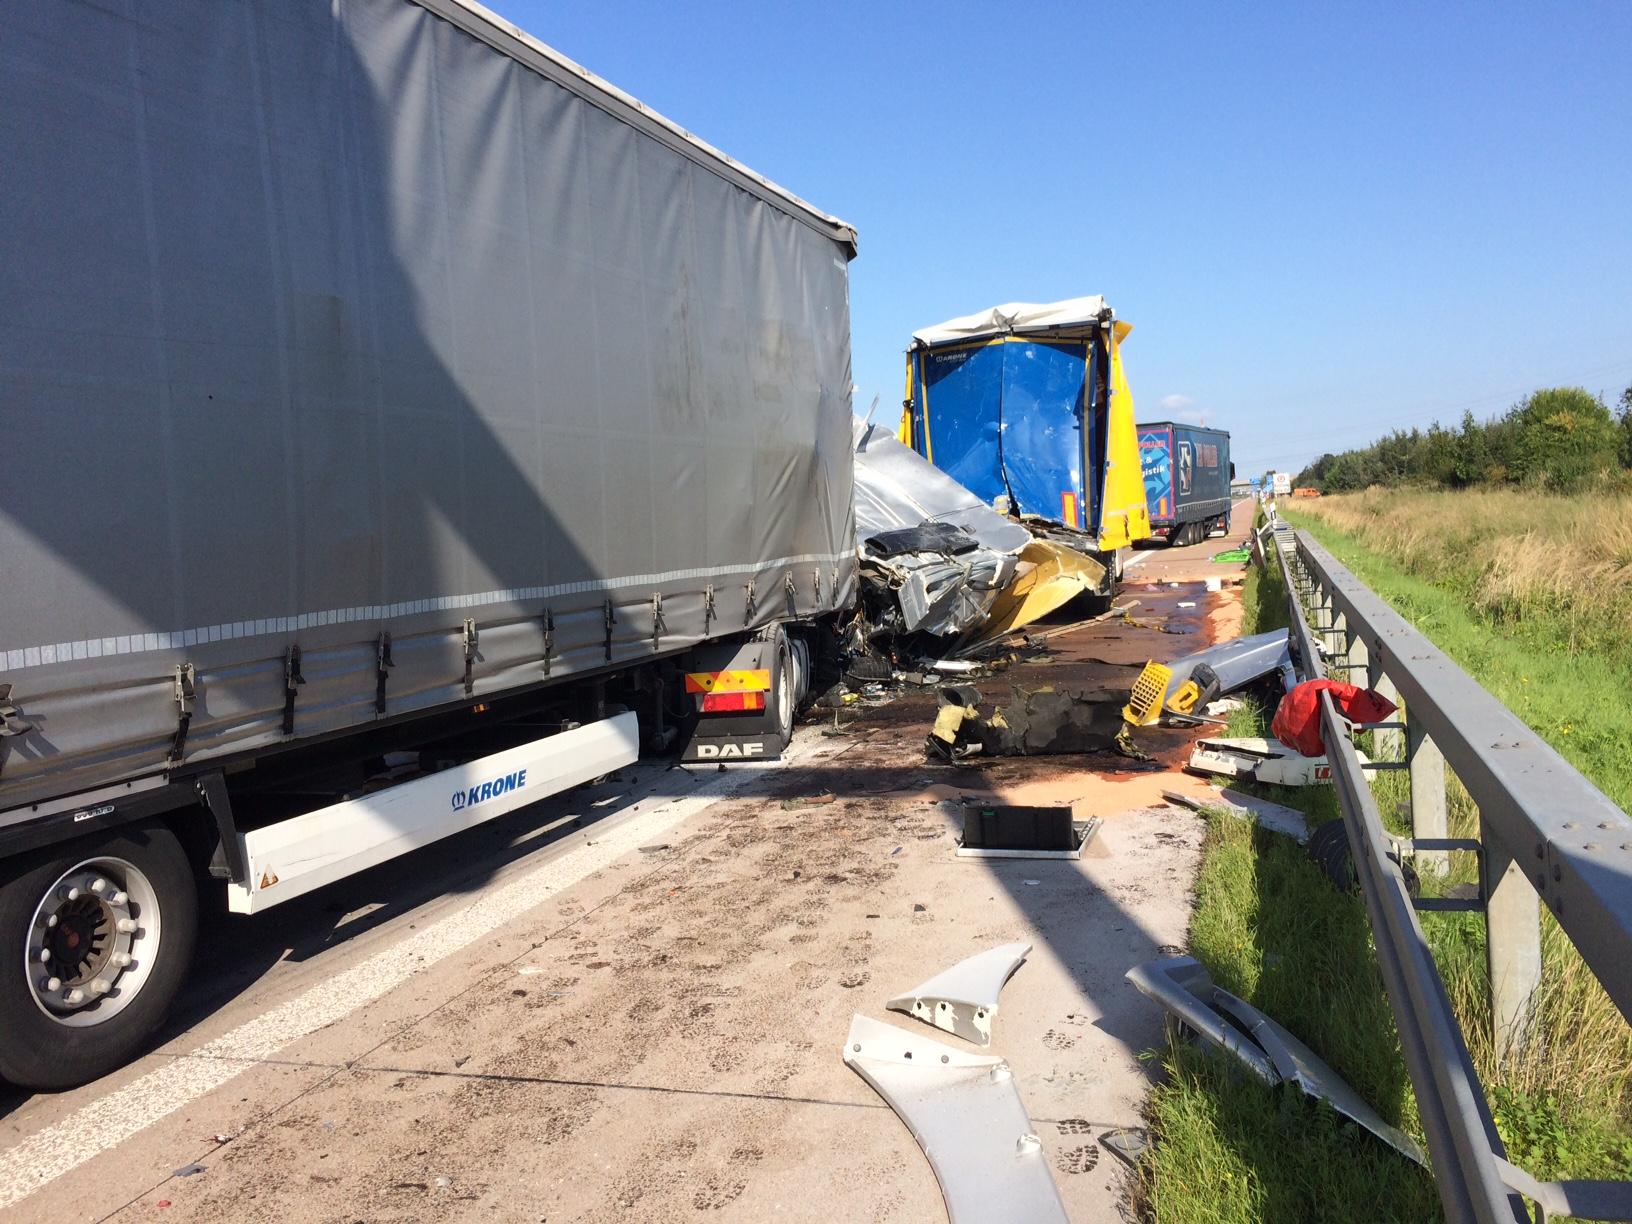 Lkw Unfall Auf Der A14 Höhe Halle Ost Du Bist Halle